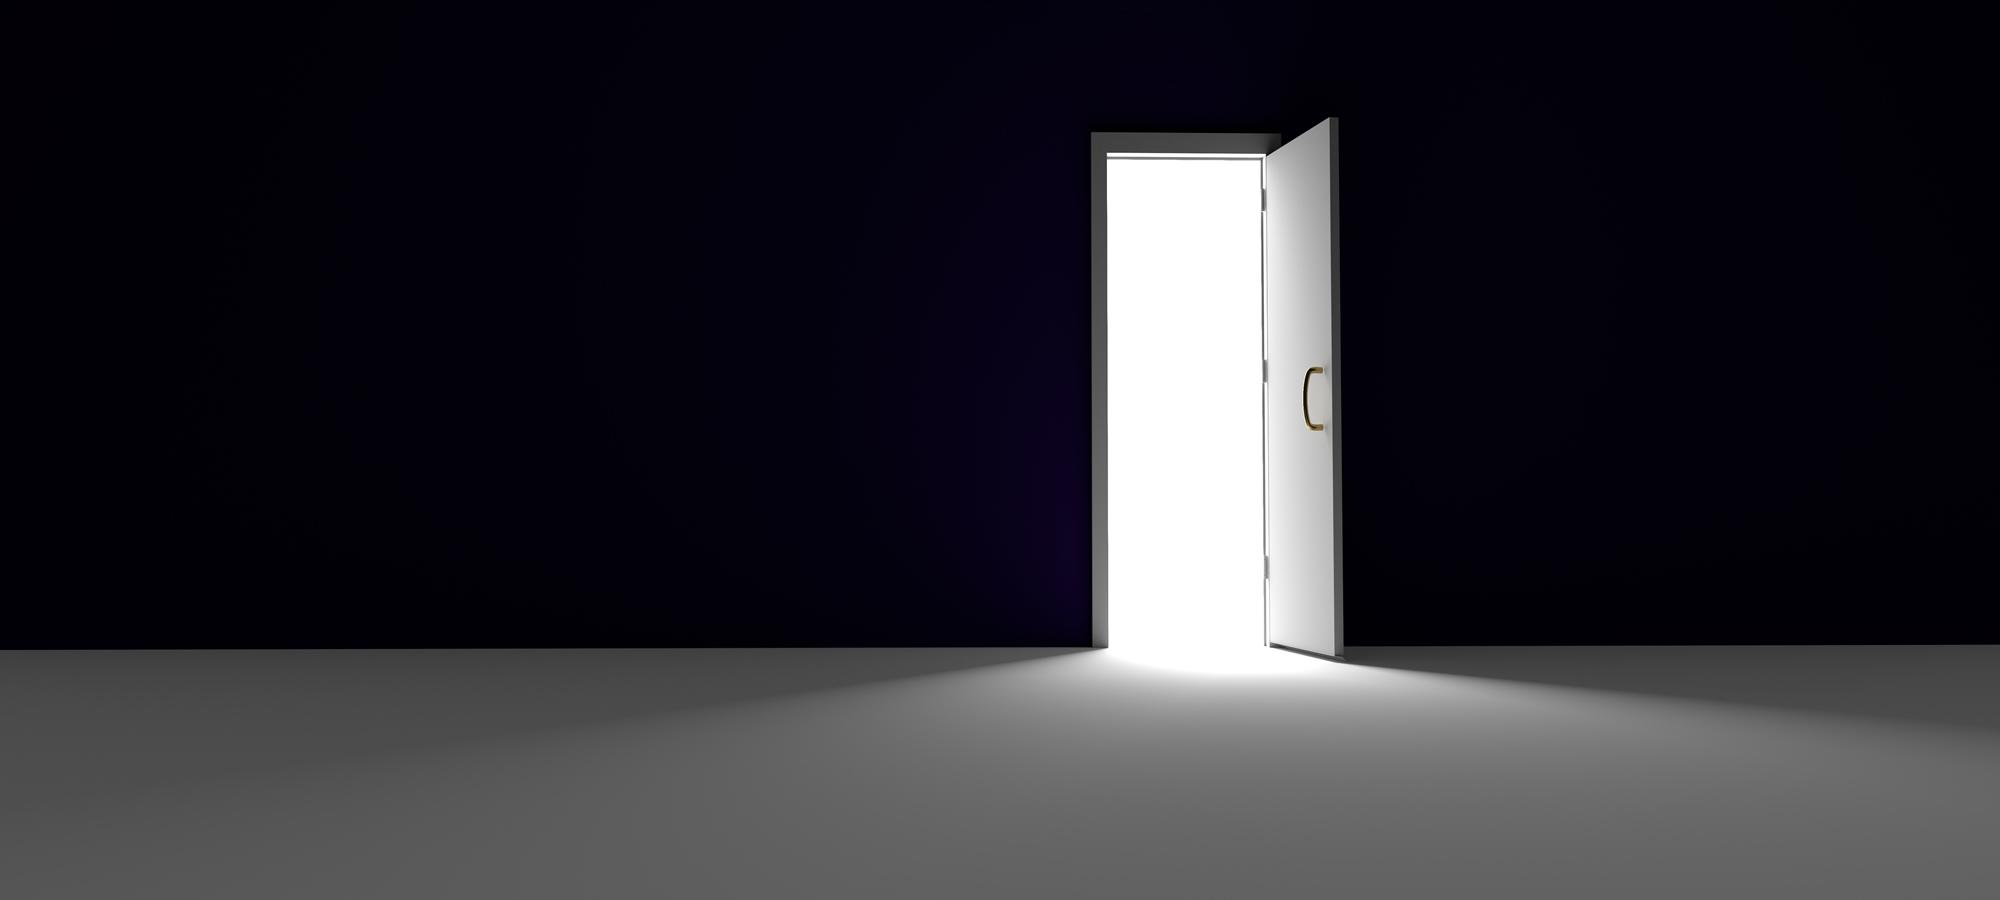 ia_slide_open_door_2000